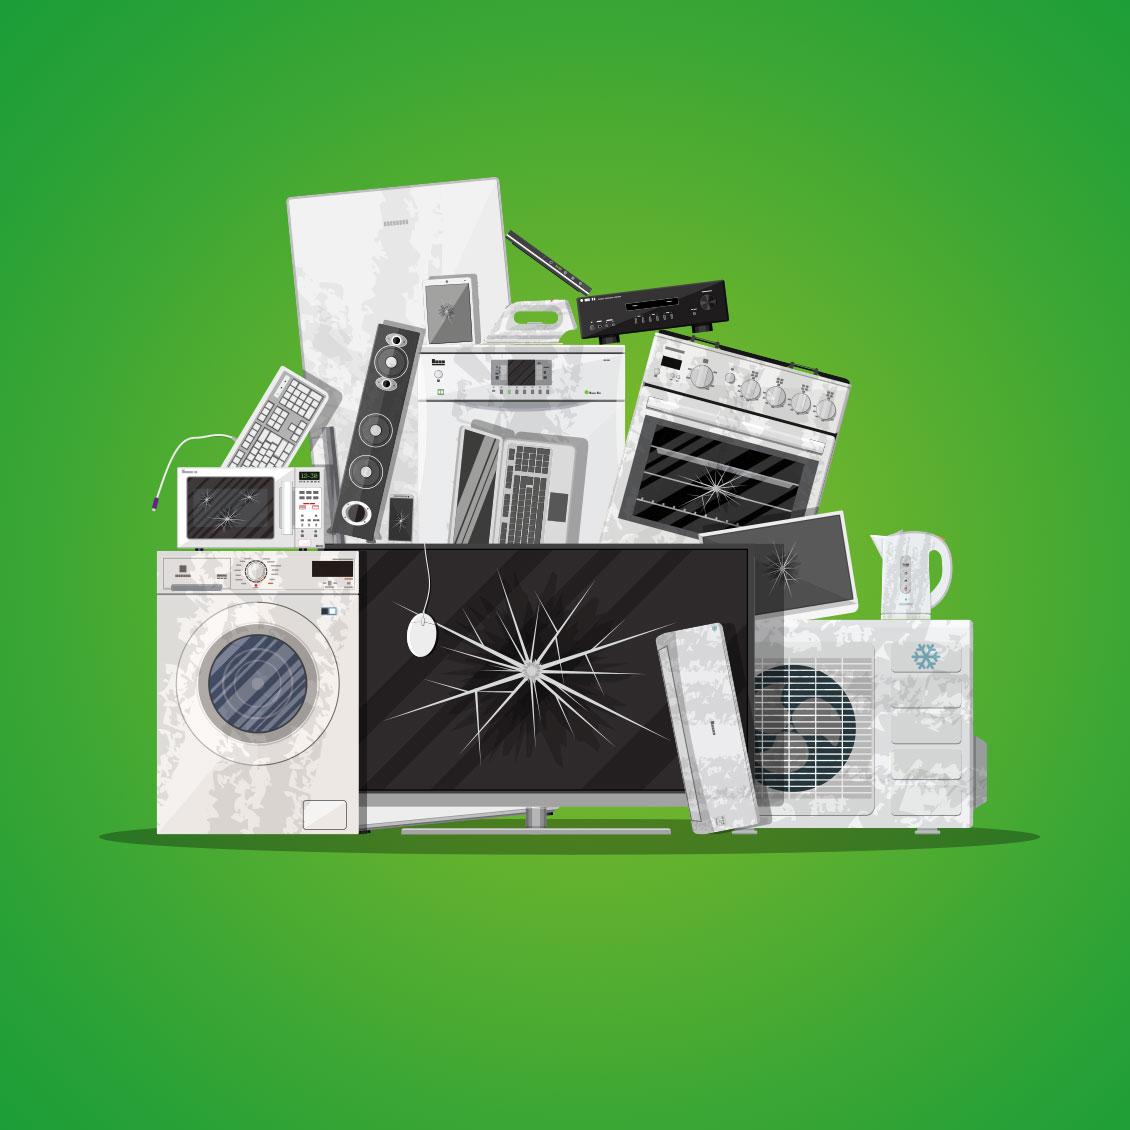 Reciclaje aparatos electrónicos